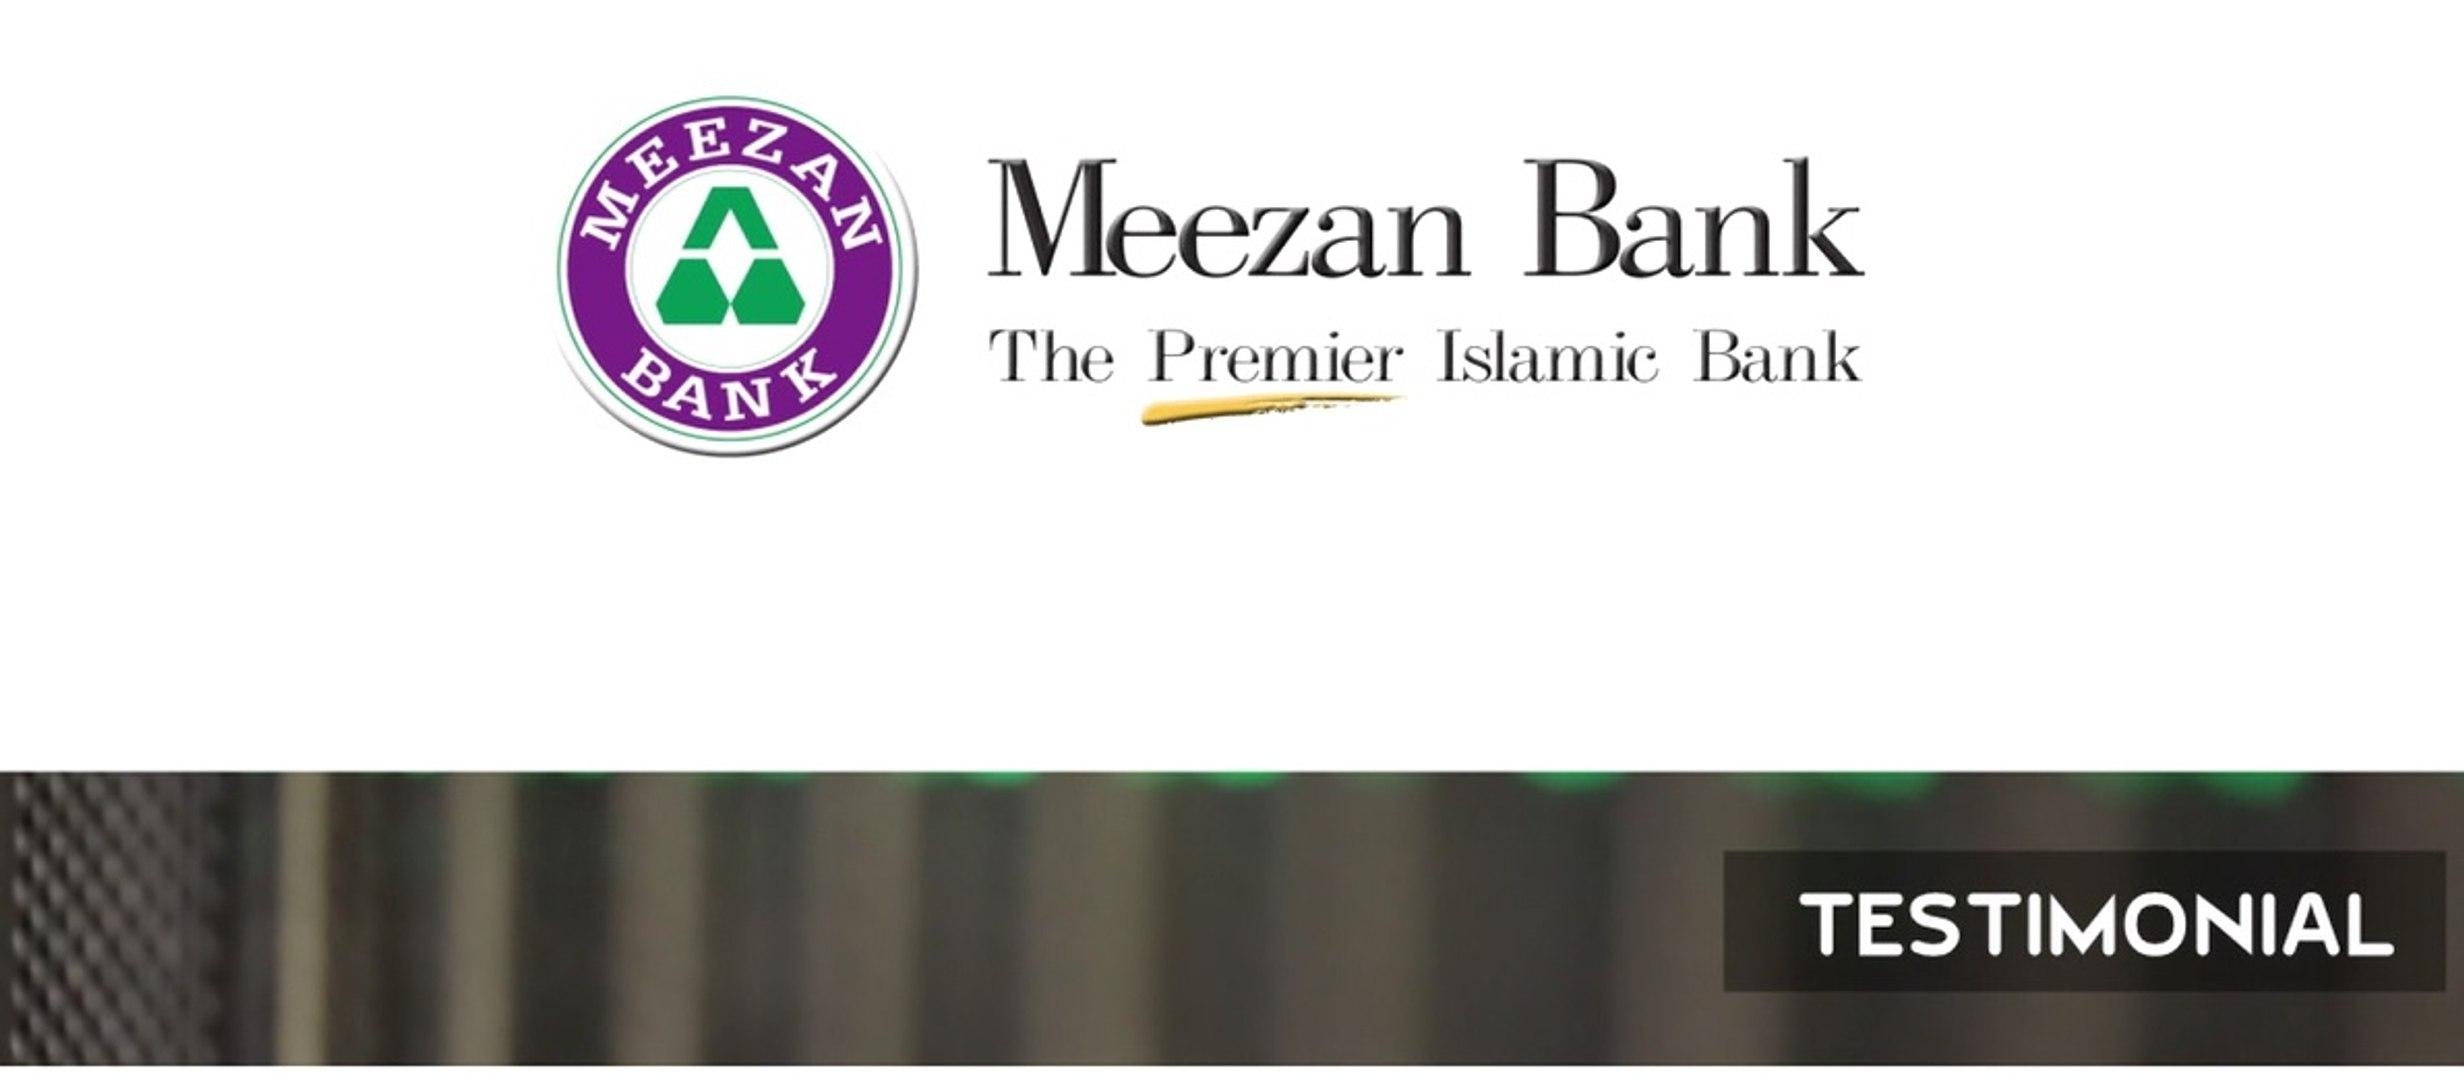 GBM PAKISTAN CUSTOMER TESTIMONIALS - MEEZAN BANK